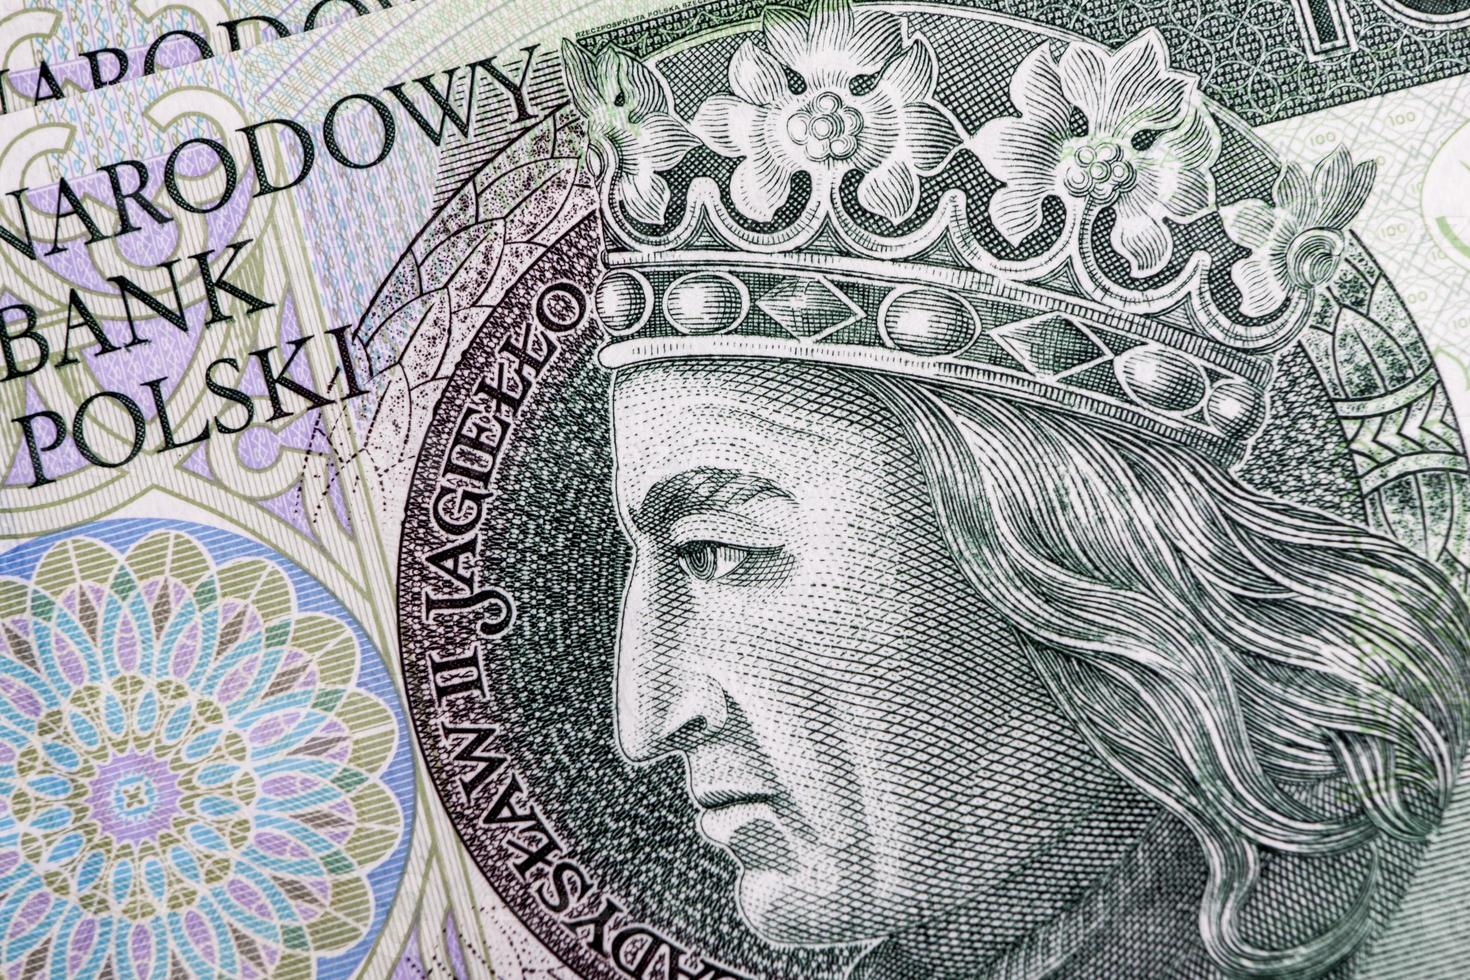 Banknote 100 PLN - Polish Zloty photo